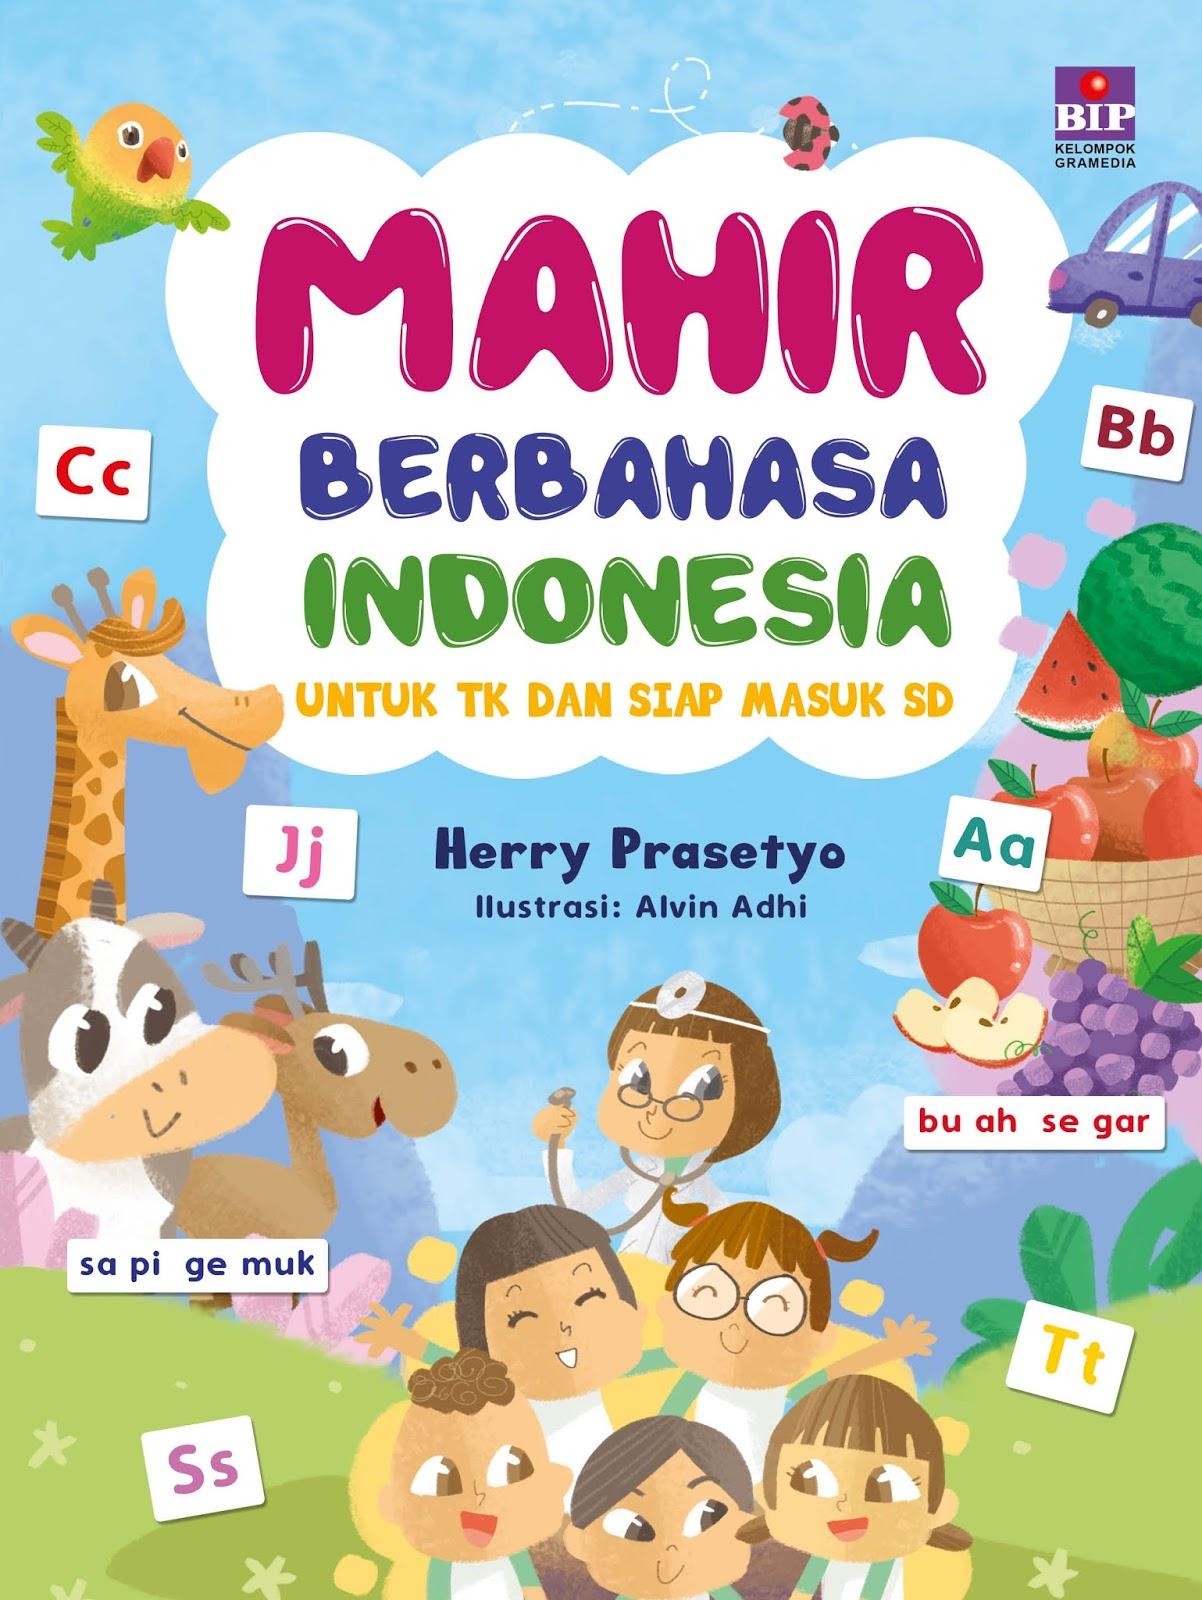 Buku ini melatih anak untuk mahir berbahasa Indonesia Mahir dalam hal membaca berbicara yang diarahkan untuk bercerita dan mahir menulis kalimat dan